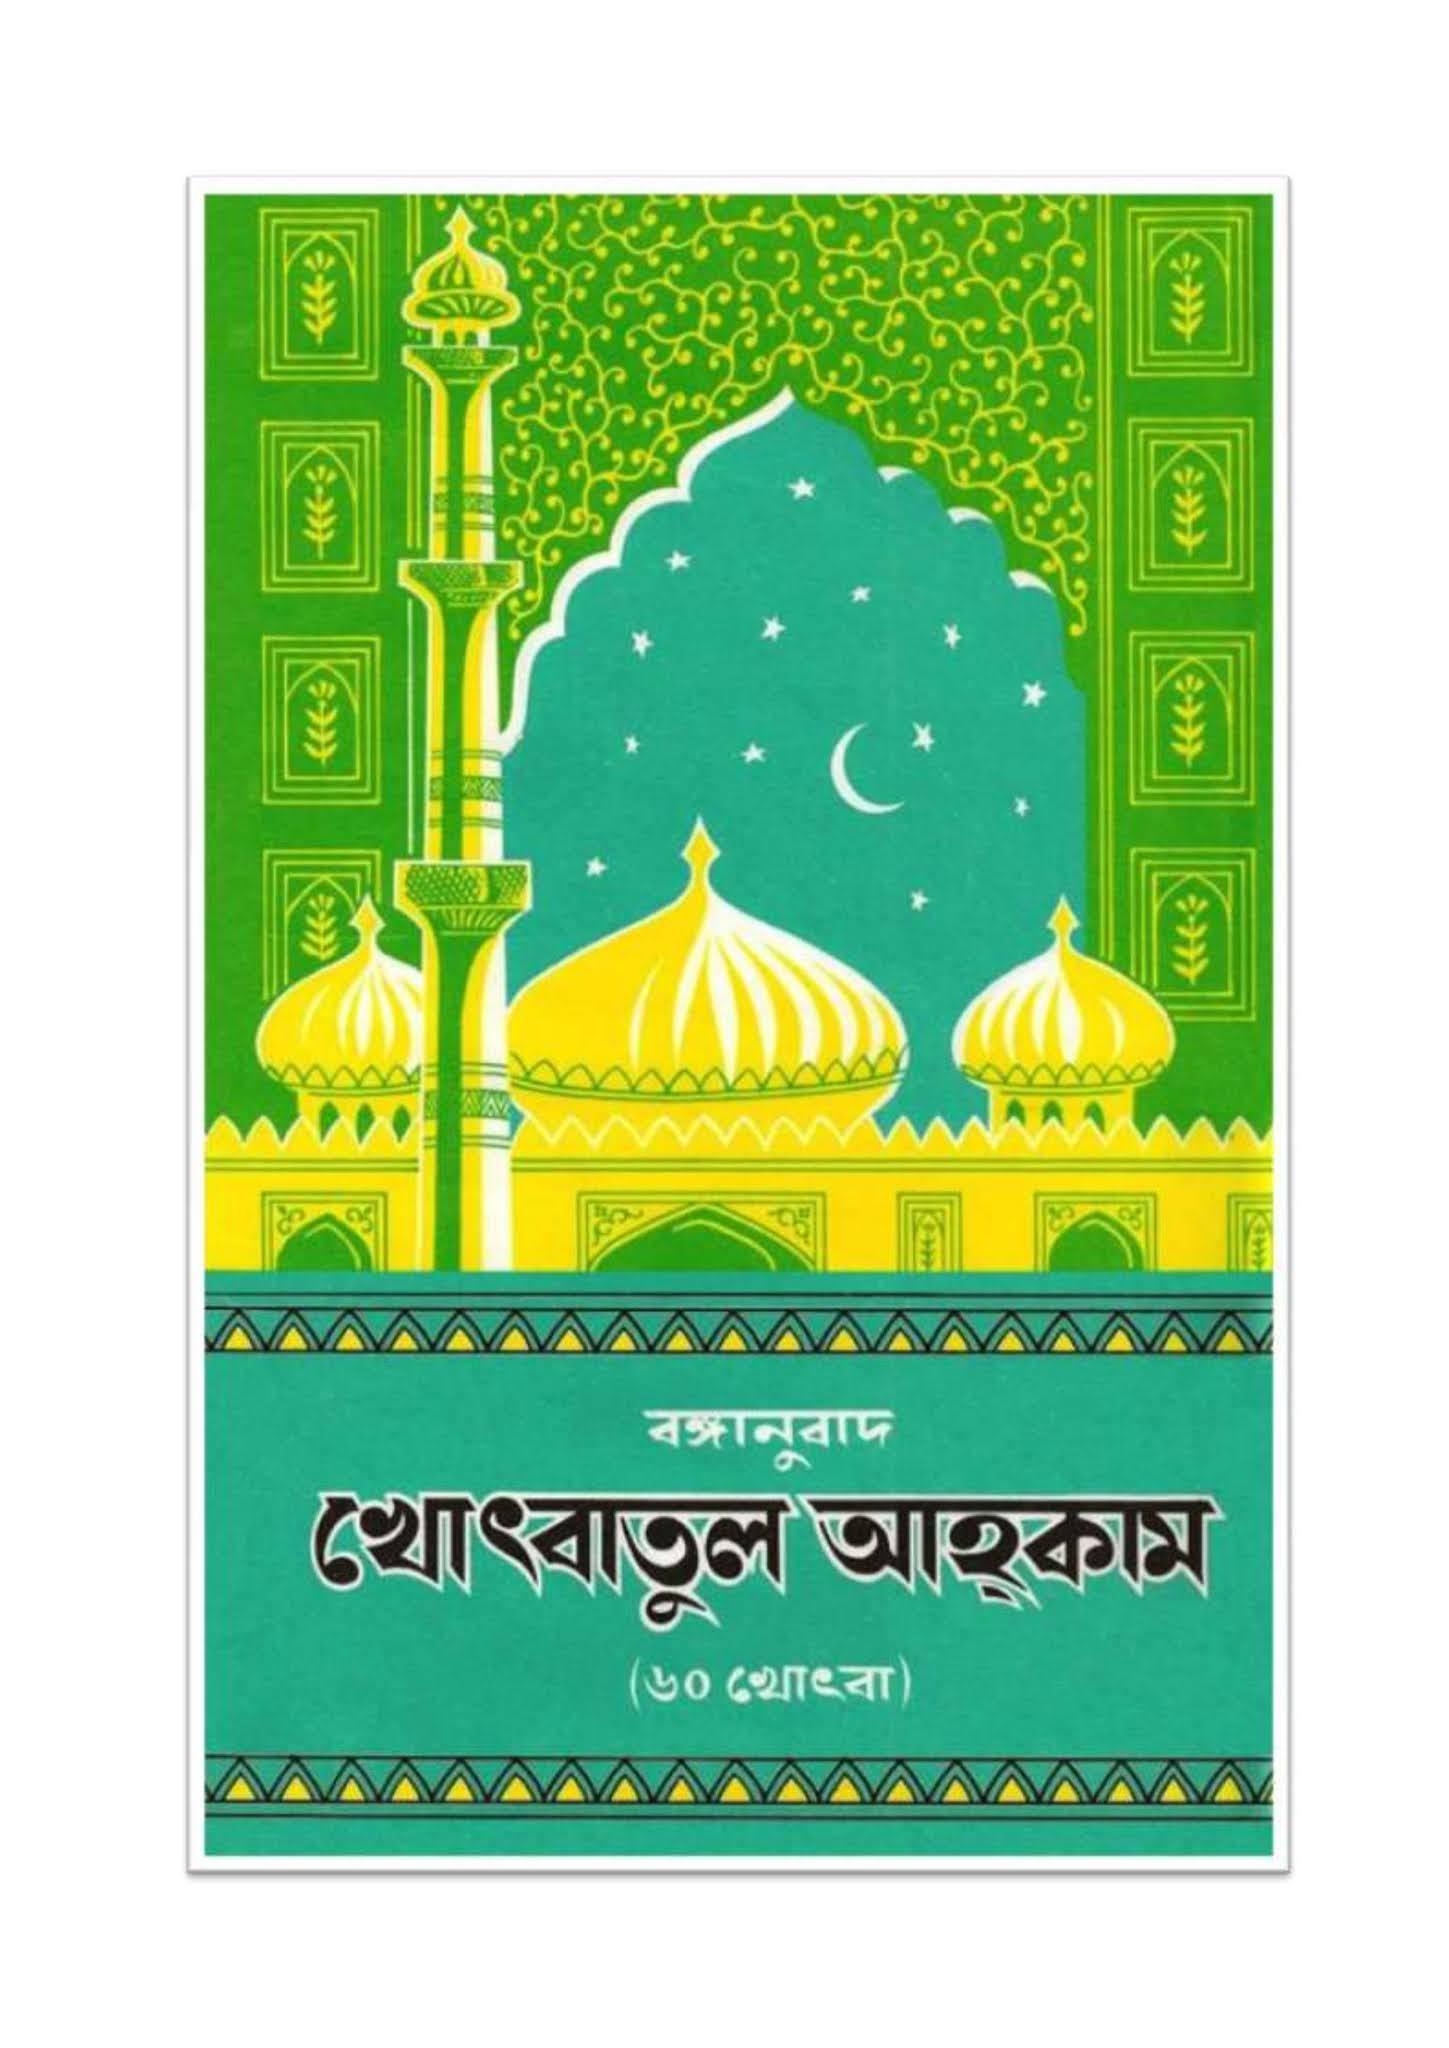 খুৎবাতুল আহকাম pdf | খুতবাতুল আহকাম আশরাফ আলী থানভী